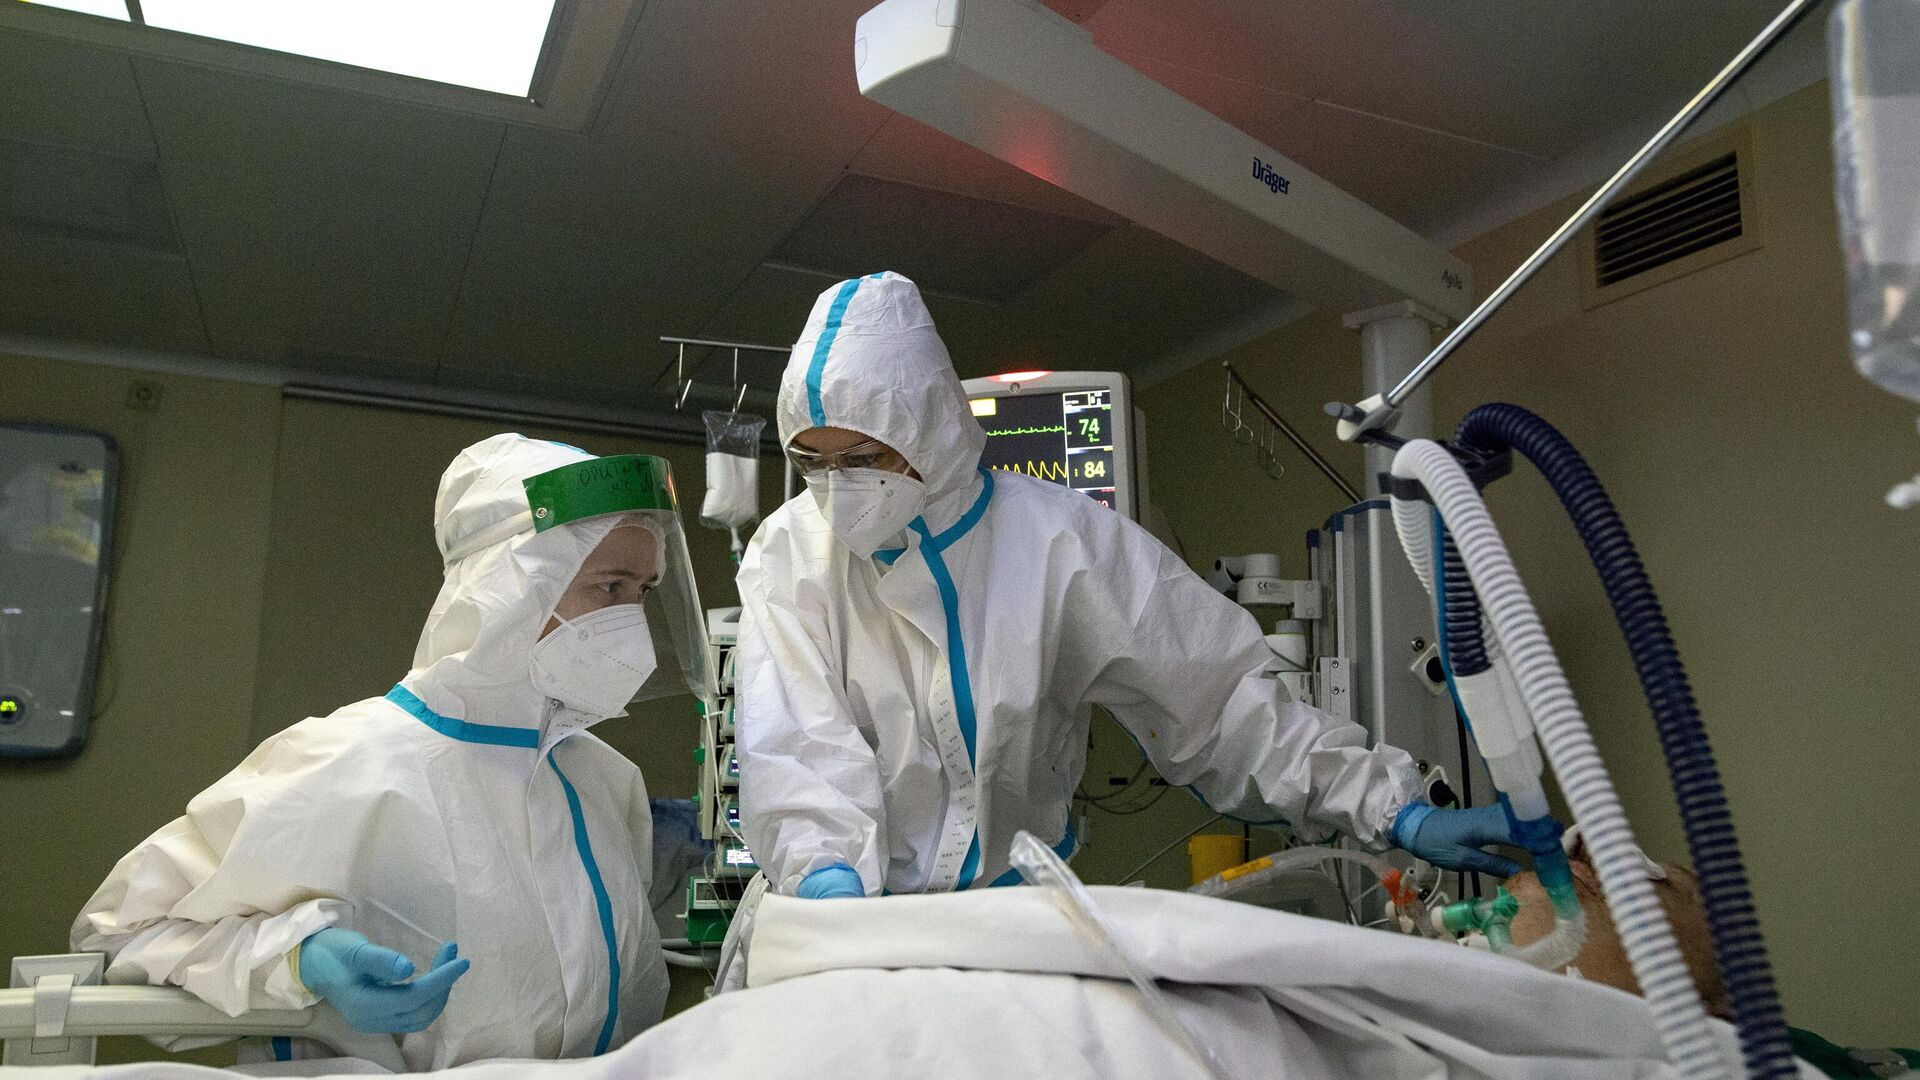 Медицинские работники в отделении реанимации и интенсивной терапии в госпитале COVID-19 в городской клинической больнице № 52 в Москве - РИА Новости, 1920, 12.01.2021